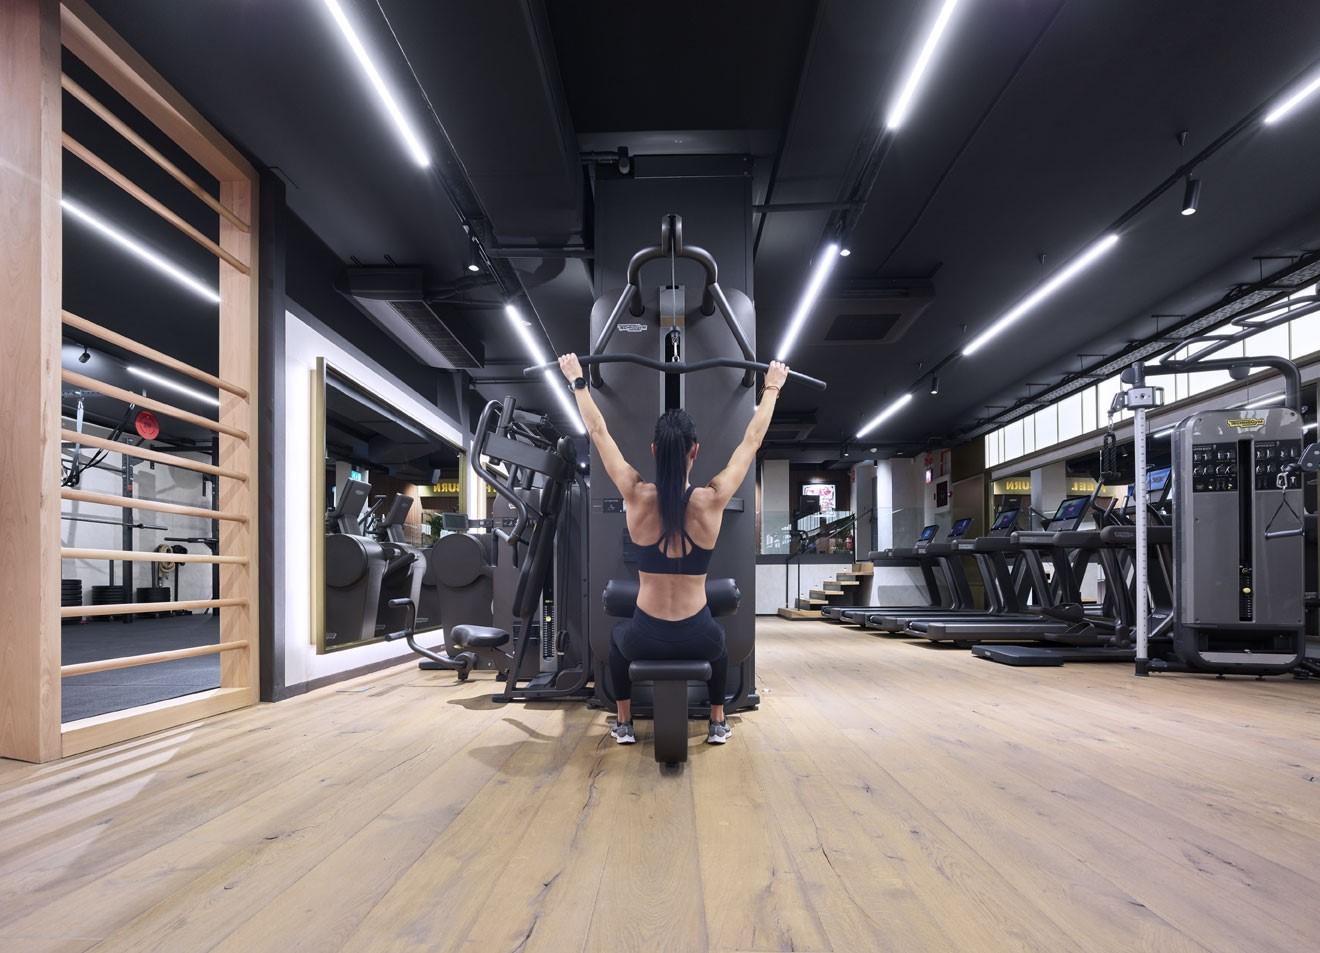 Le Max Wellness Club invierte 3 millones de euros en sus nuevas instalaciones